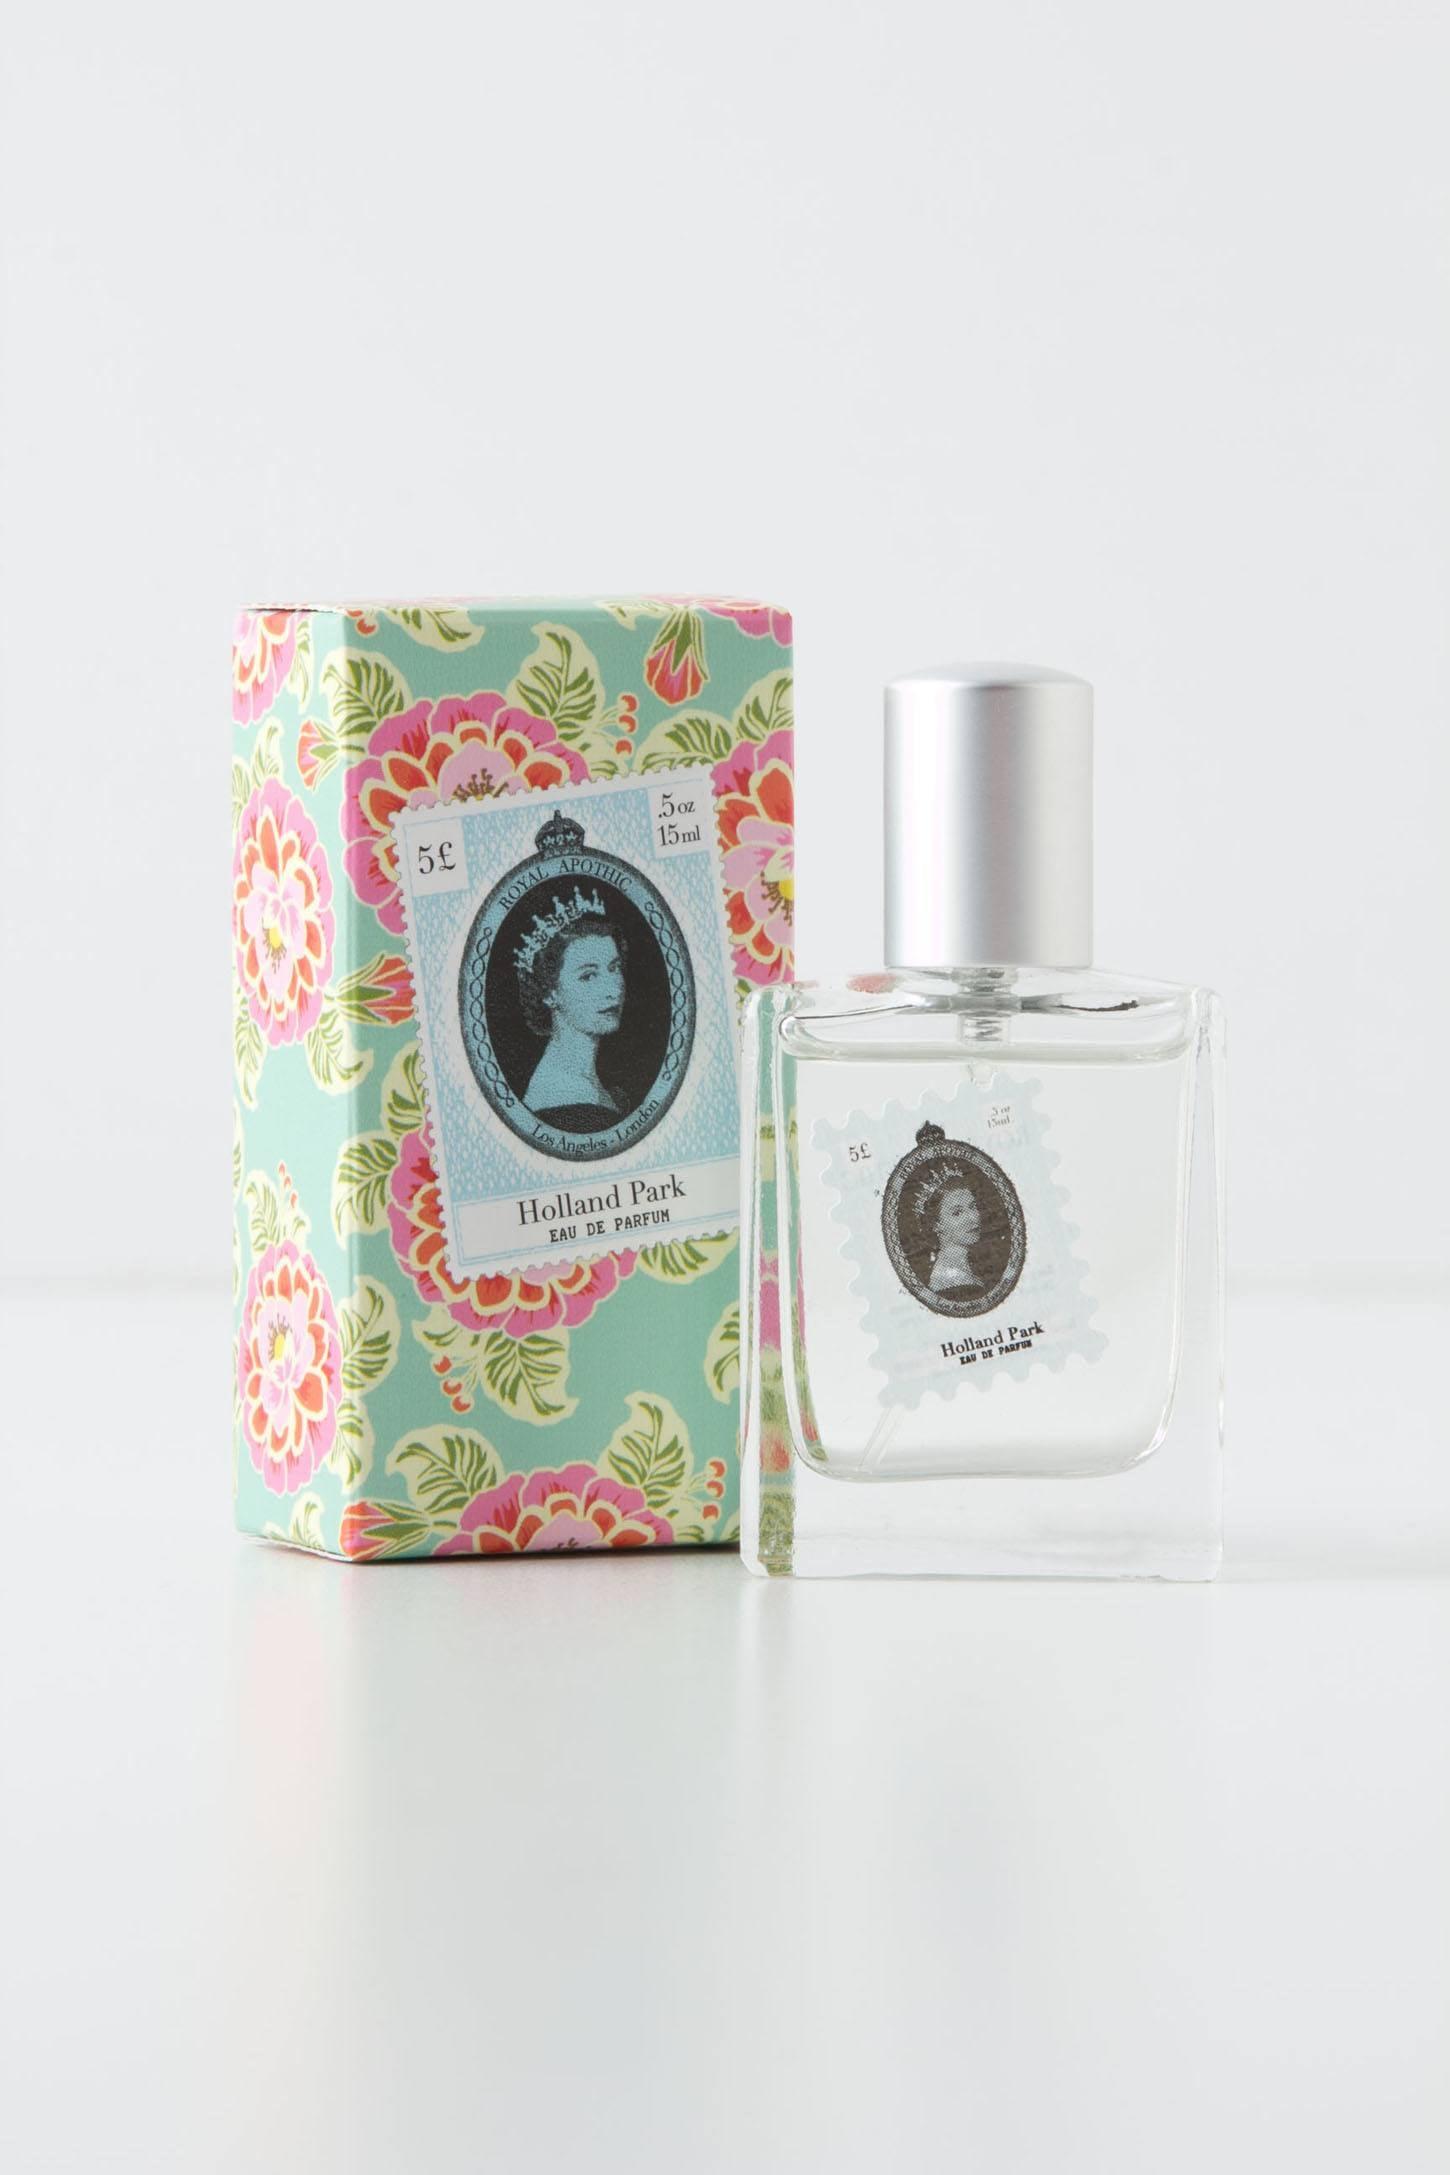 Anthropologie Royal Apothic Perfume